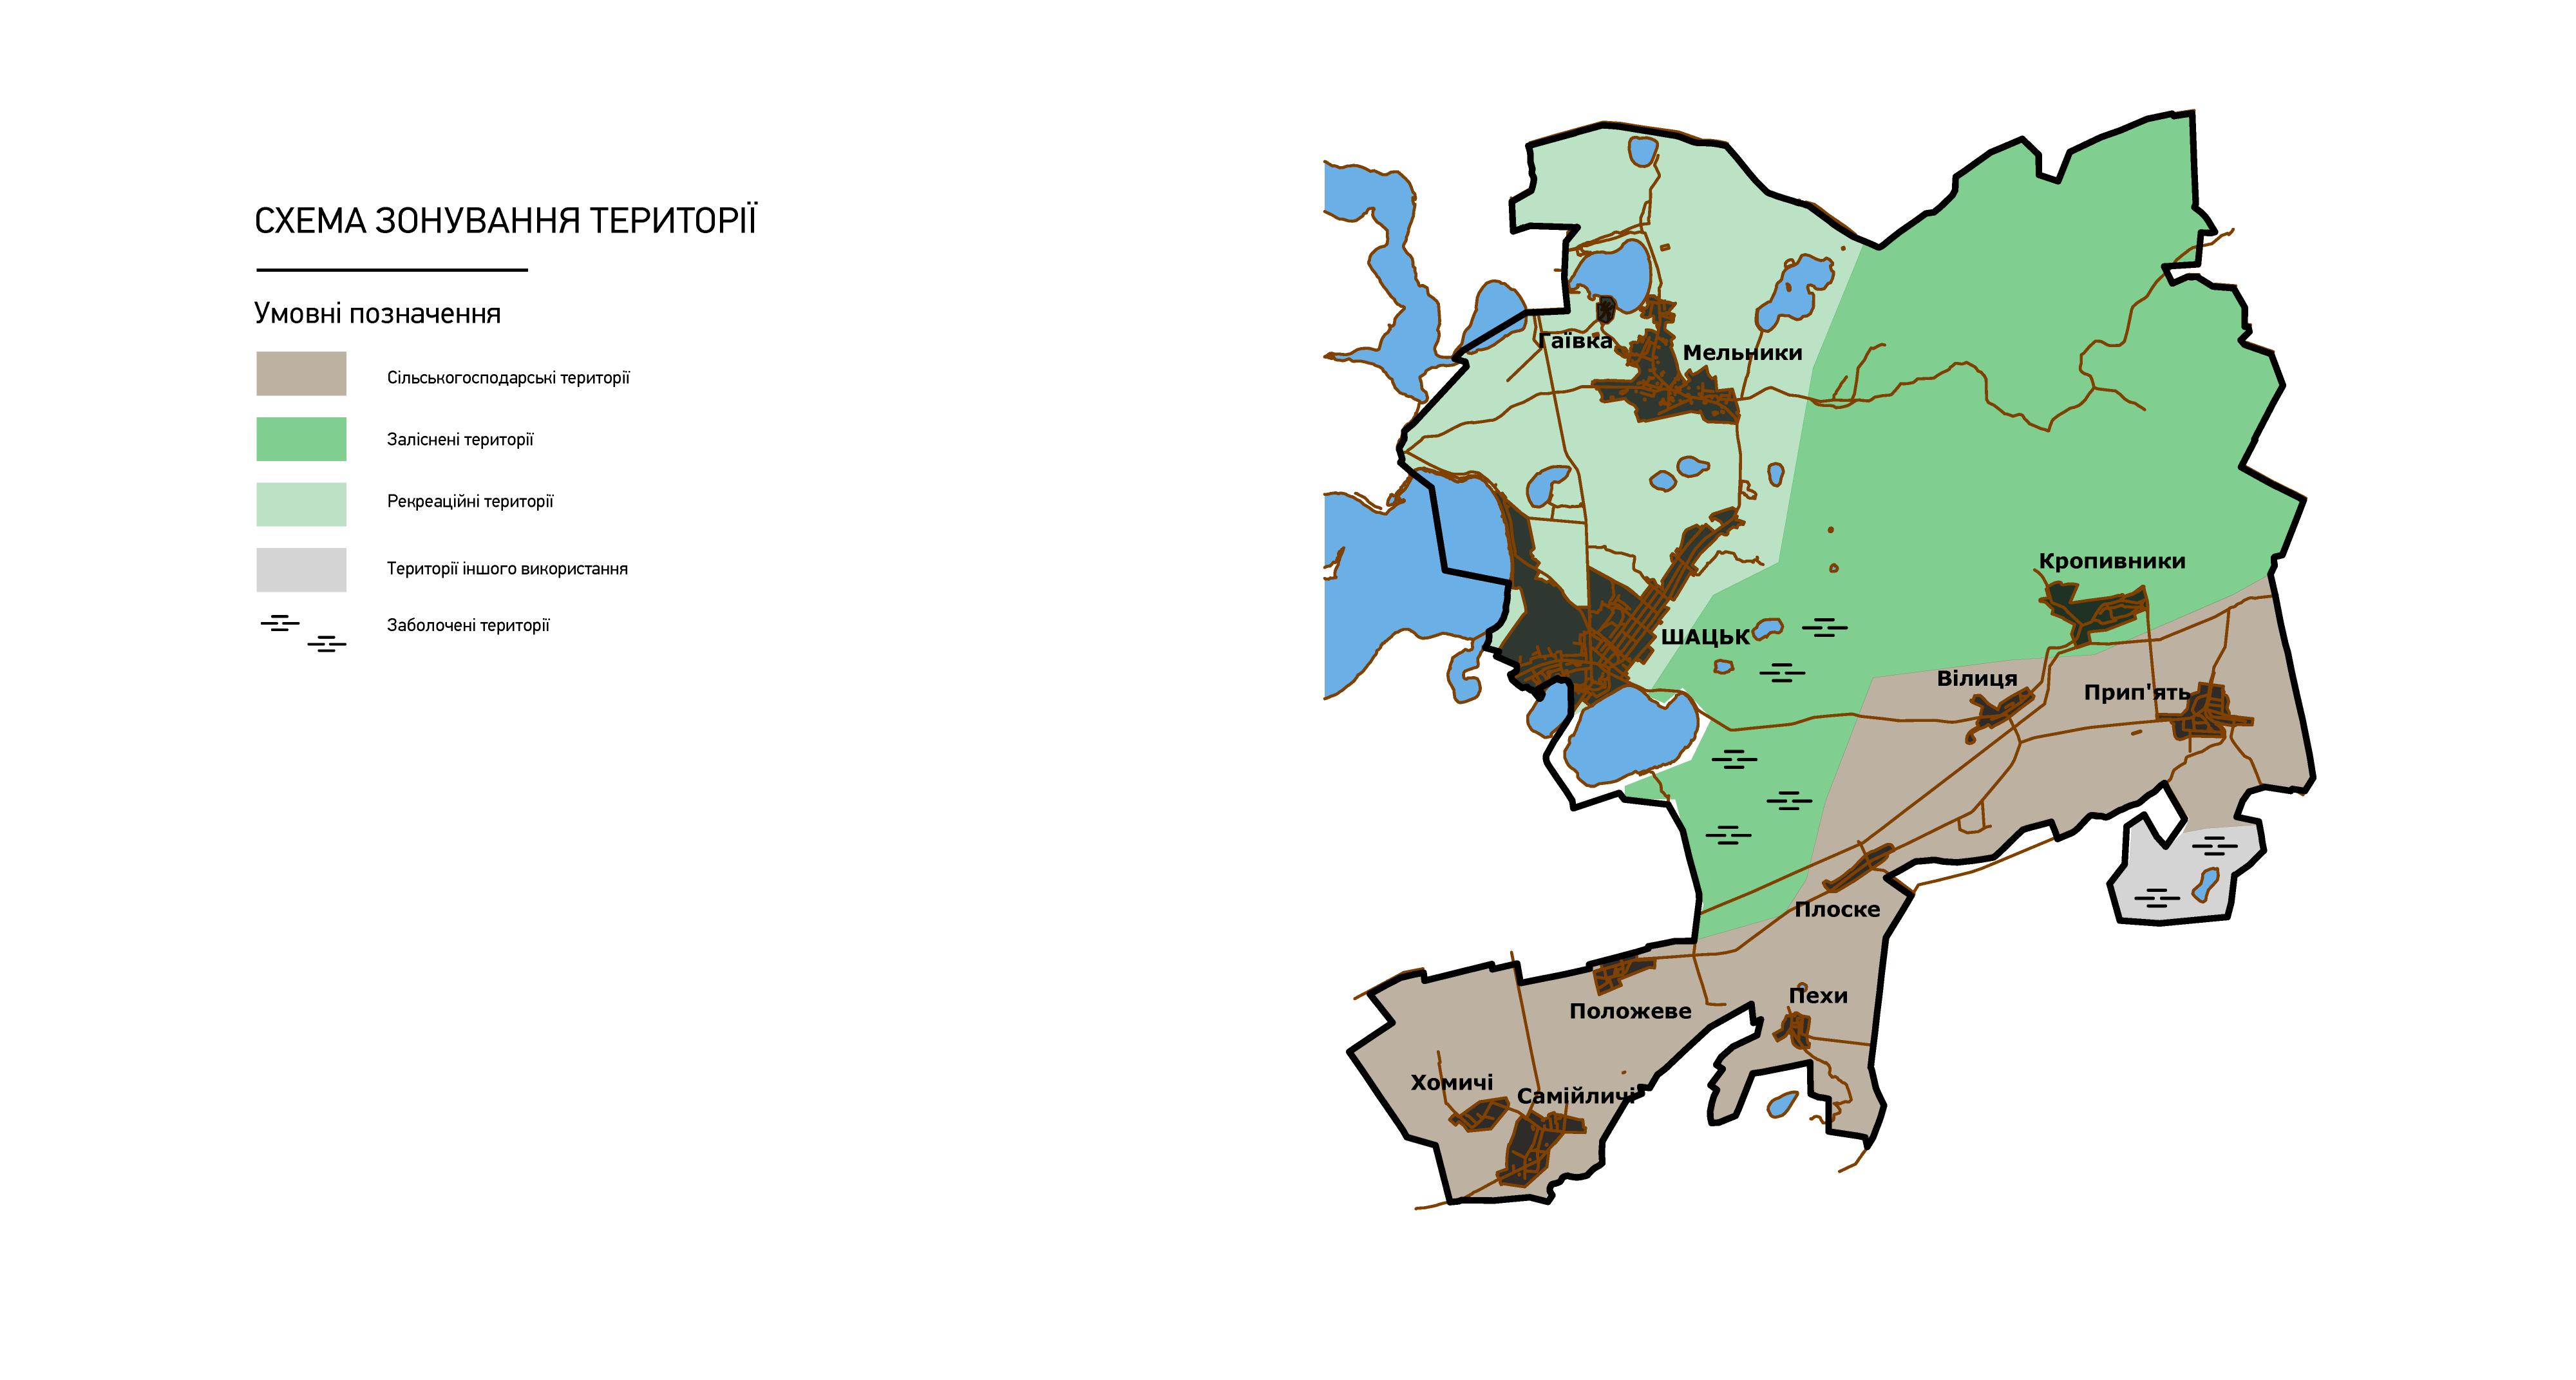 баланс-територій